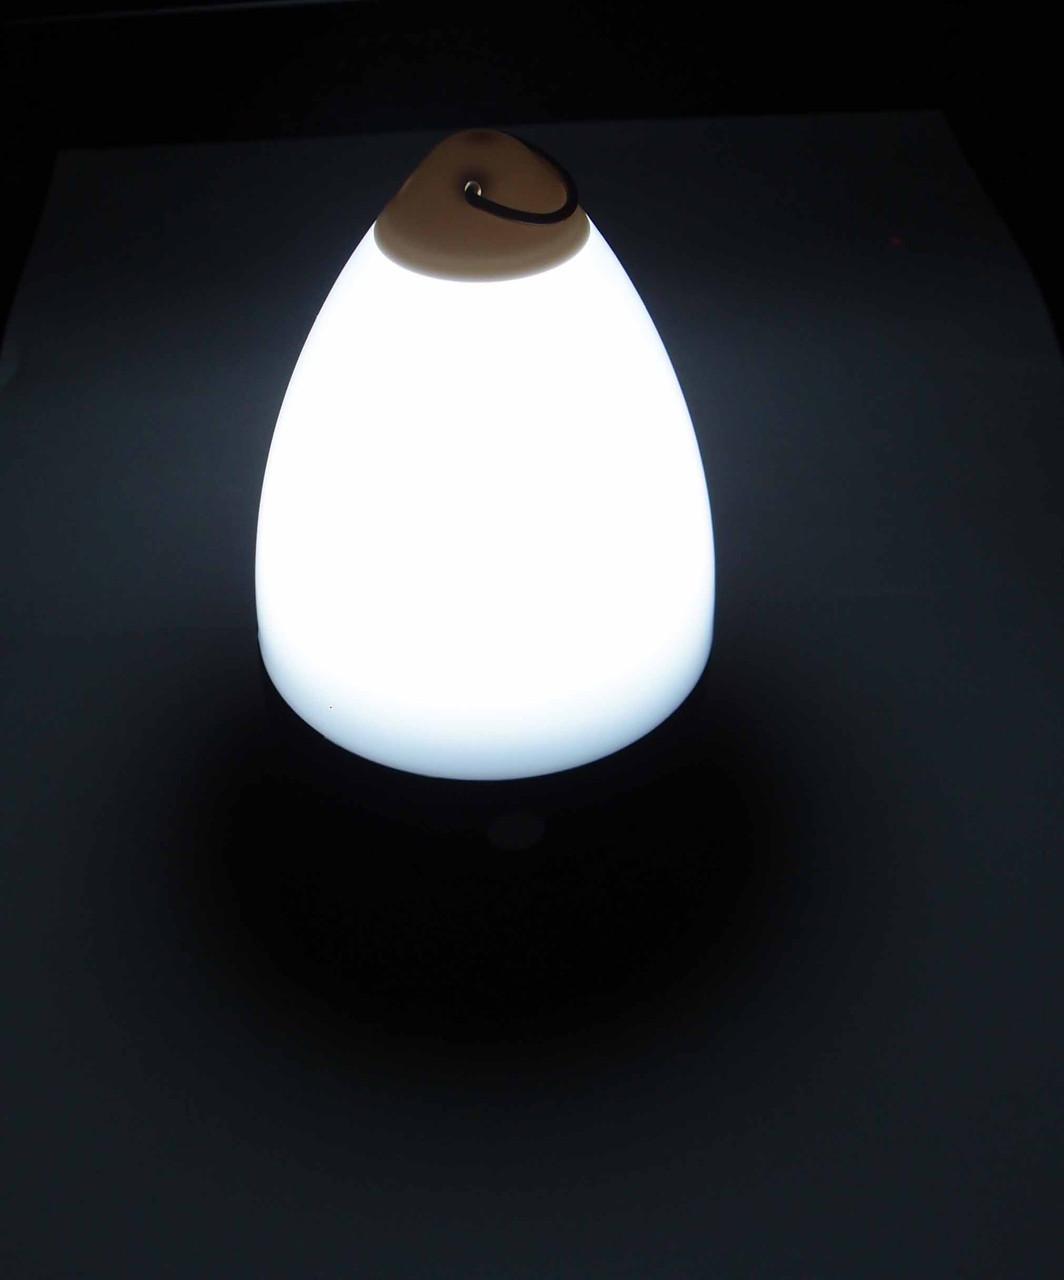 Светильник для кемпинга и дома SK 901 фонарь неваляшка 3 режима